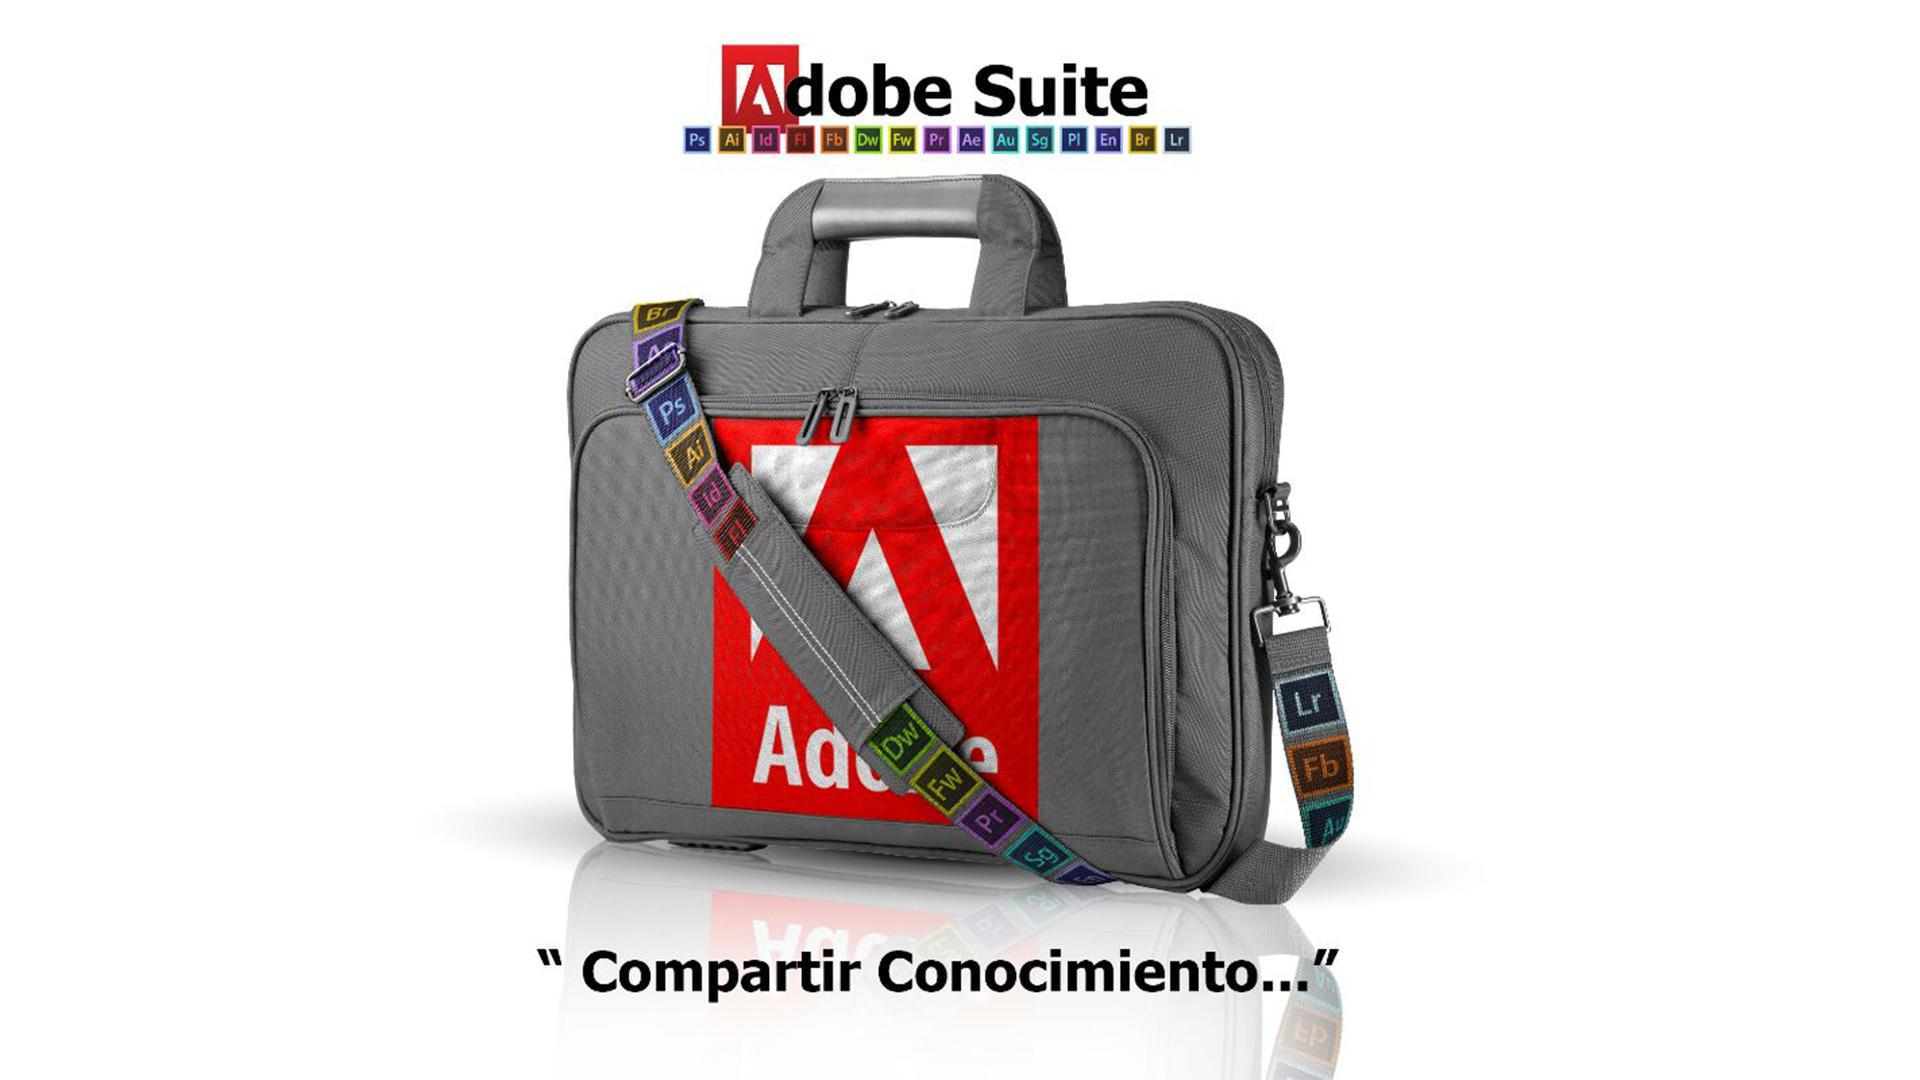 Adobe Suite Header